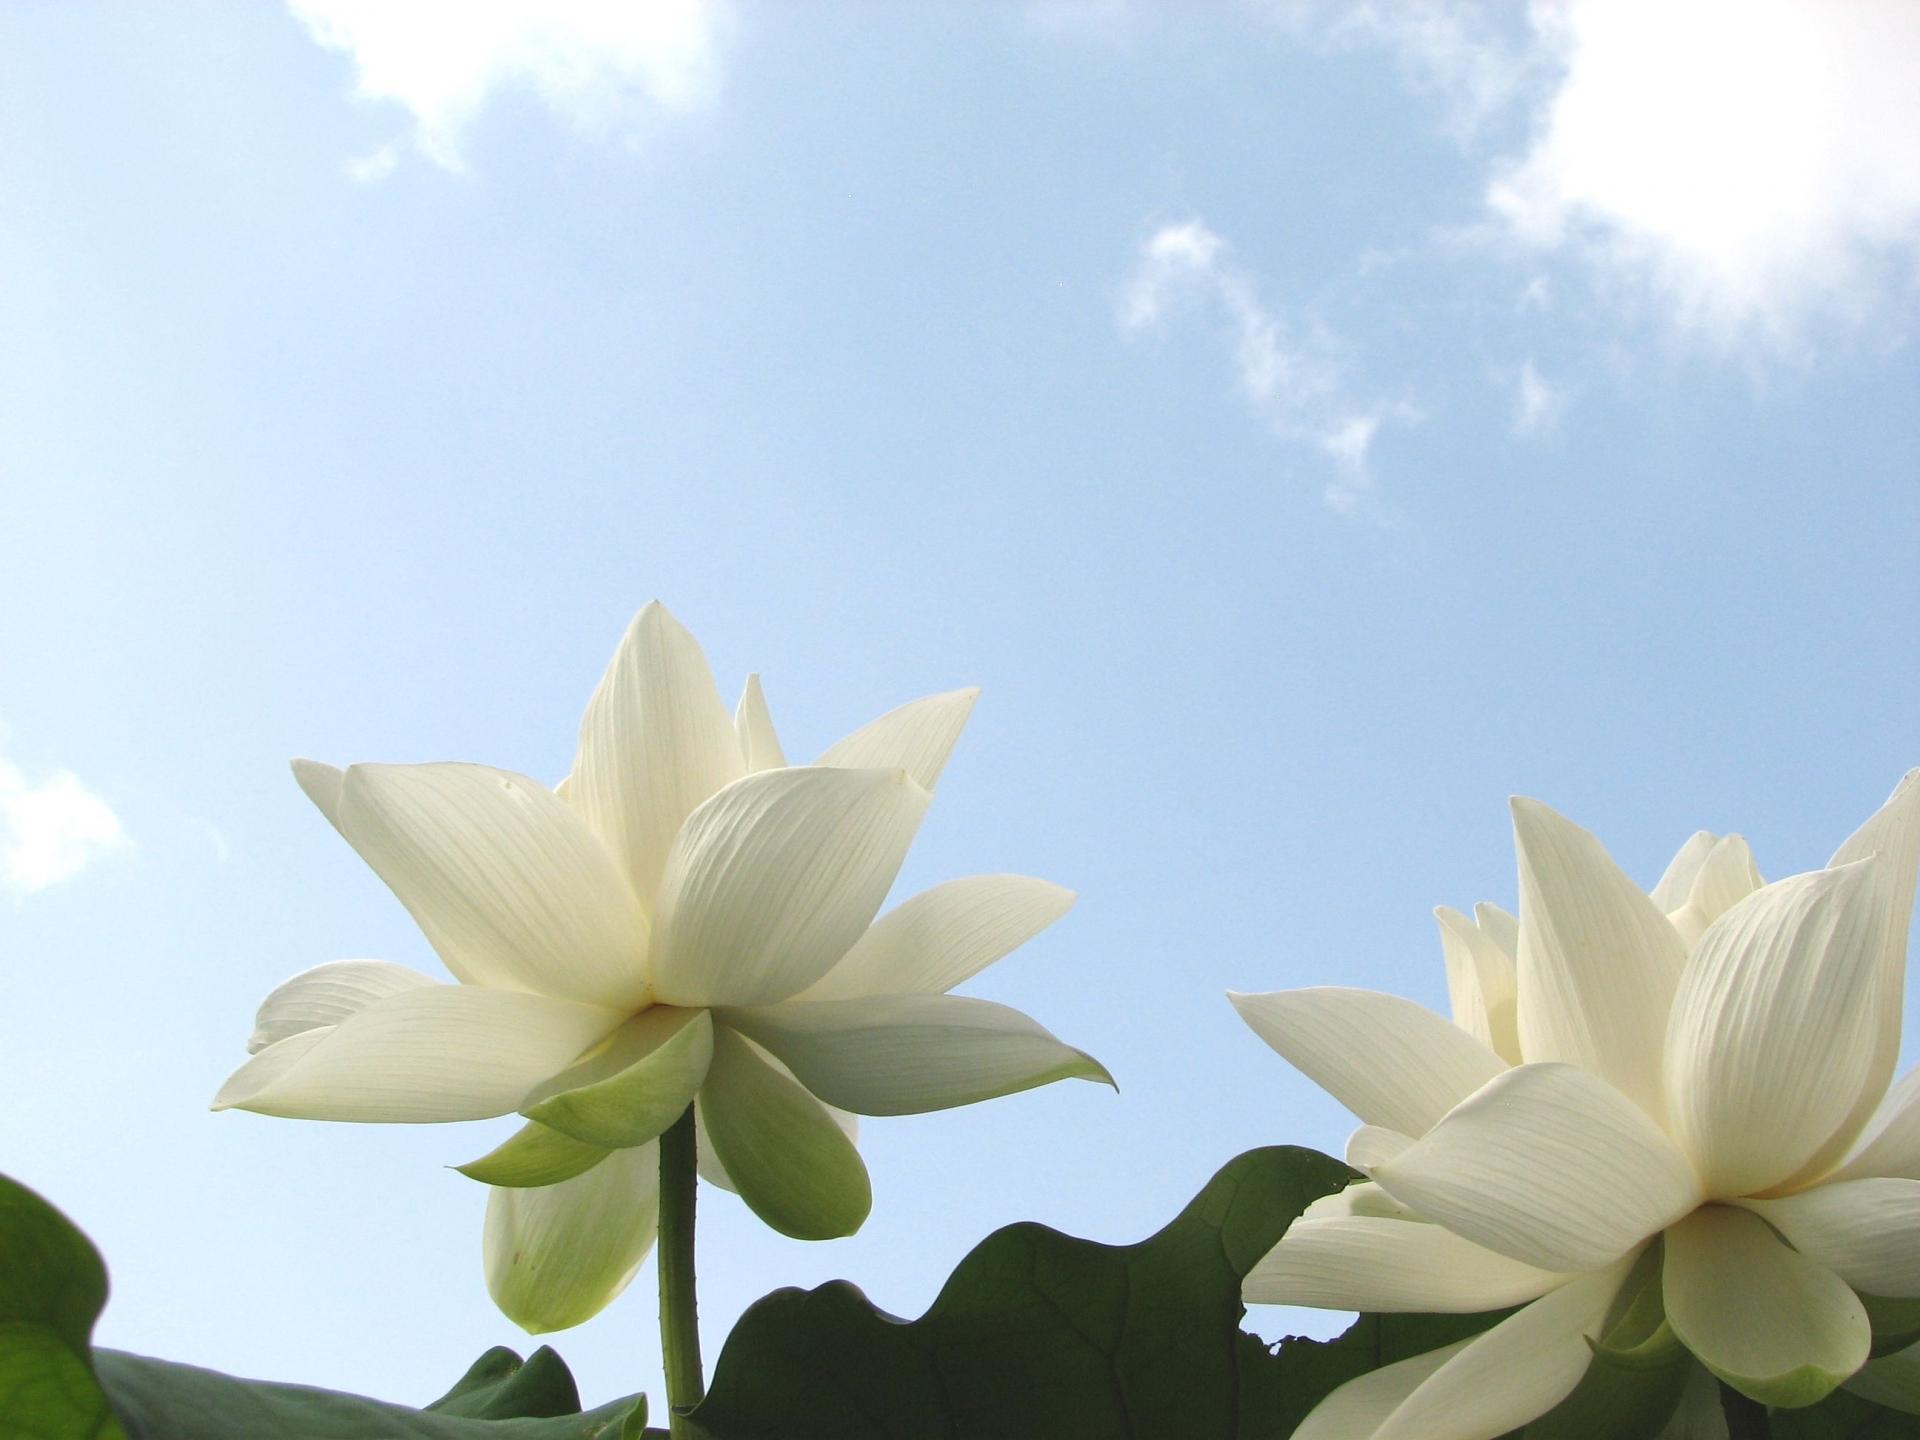 青い空に白い花イメージ写真